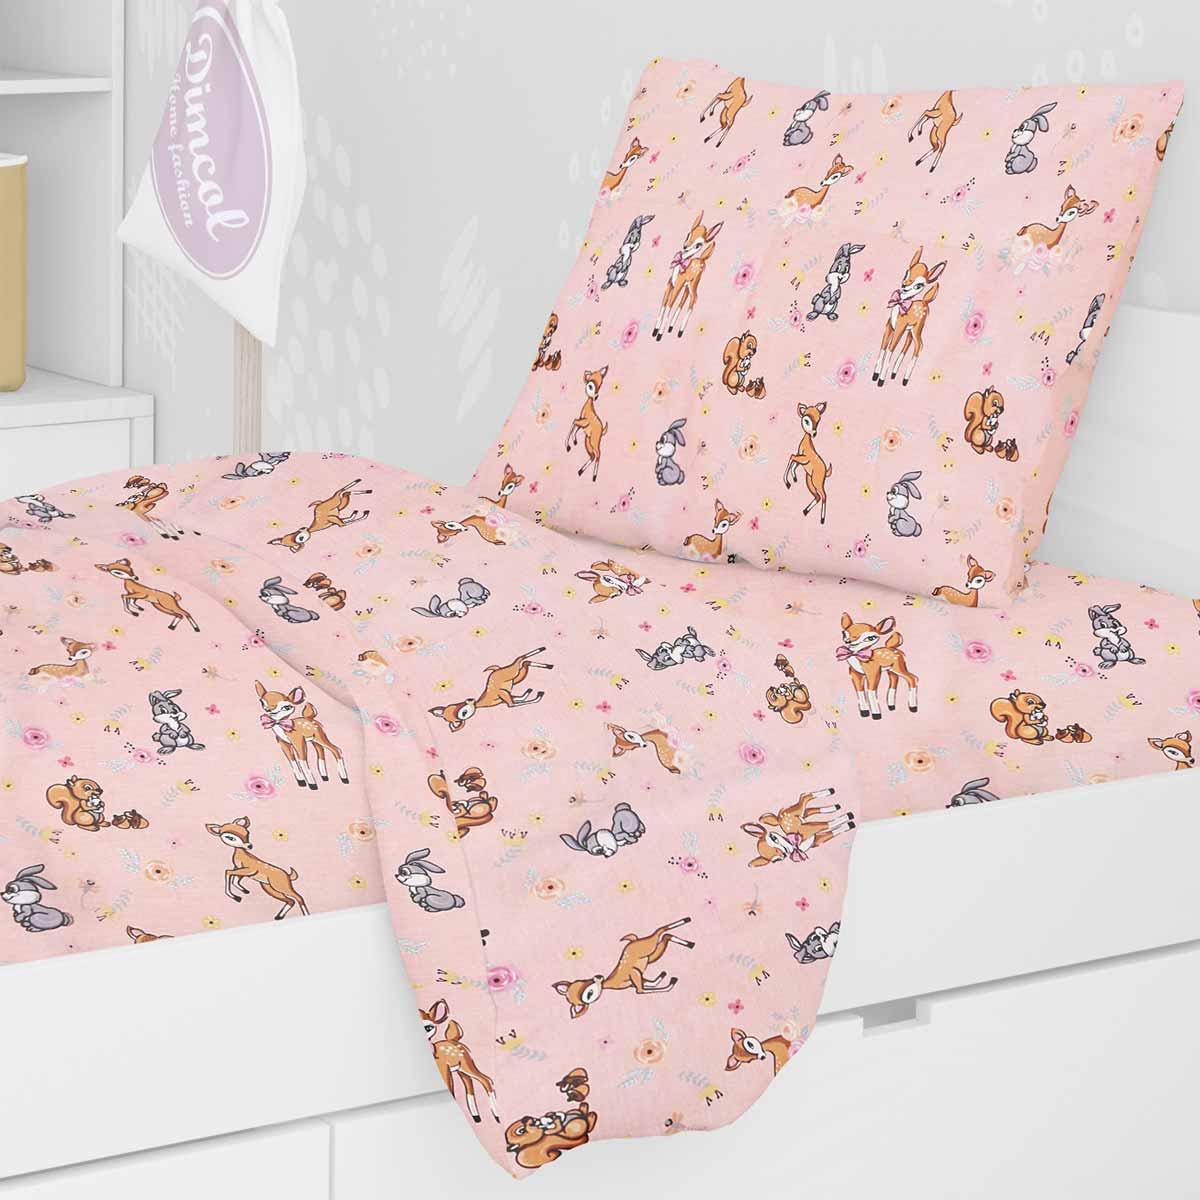 Μαξιλαροθήκη Dimcol Ελαφάκι 117 Pink